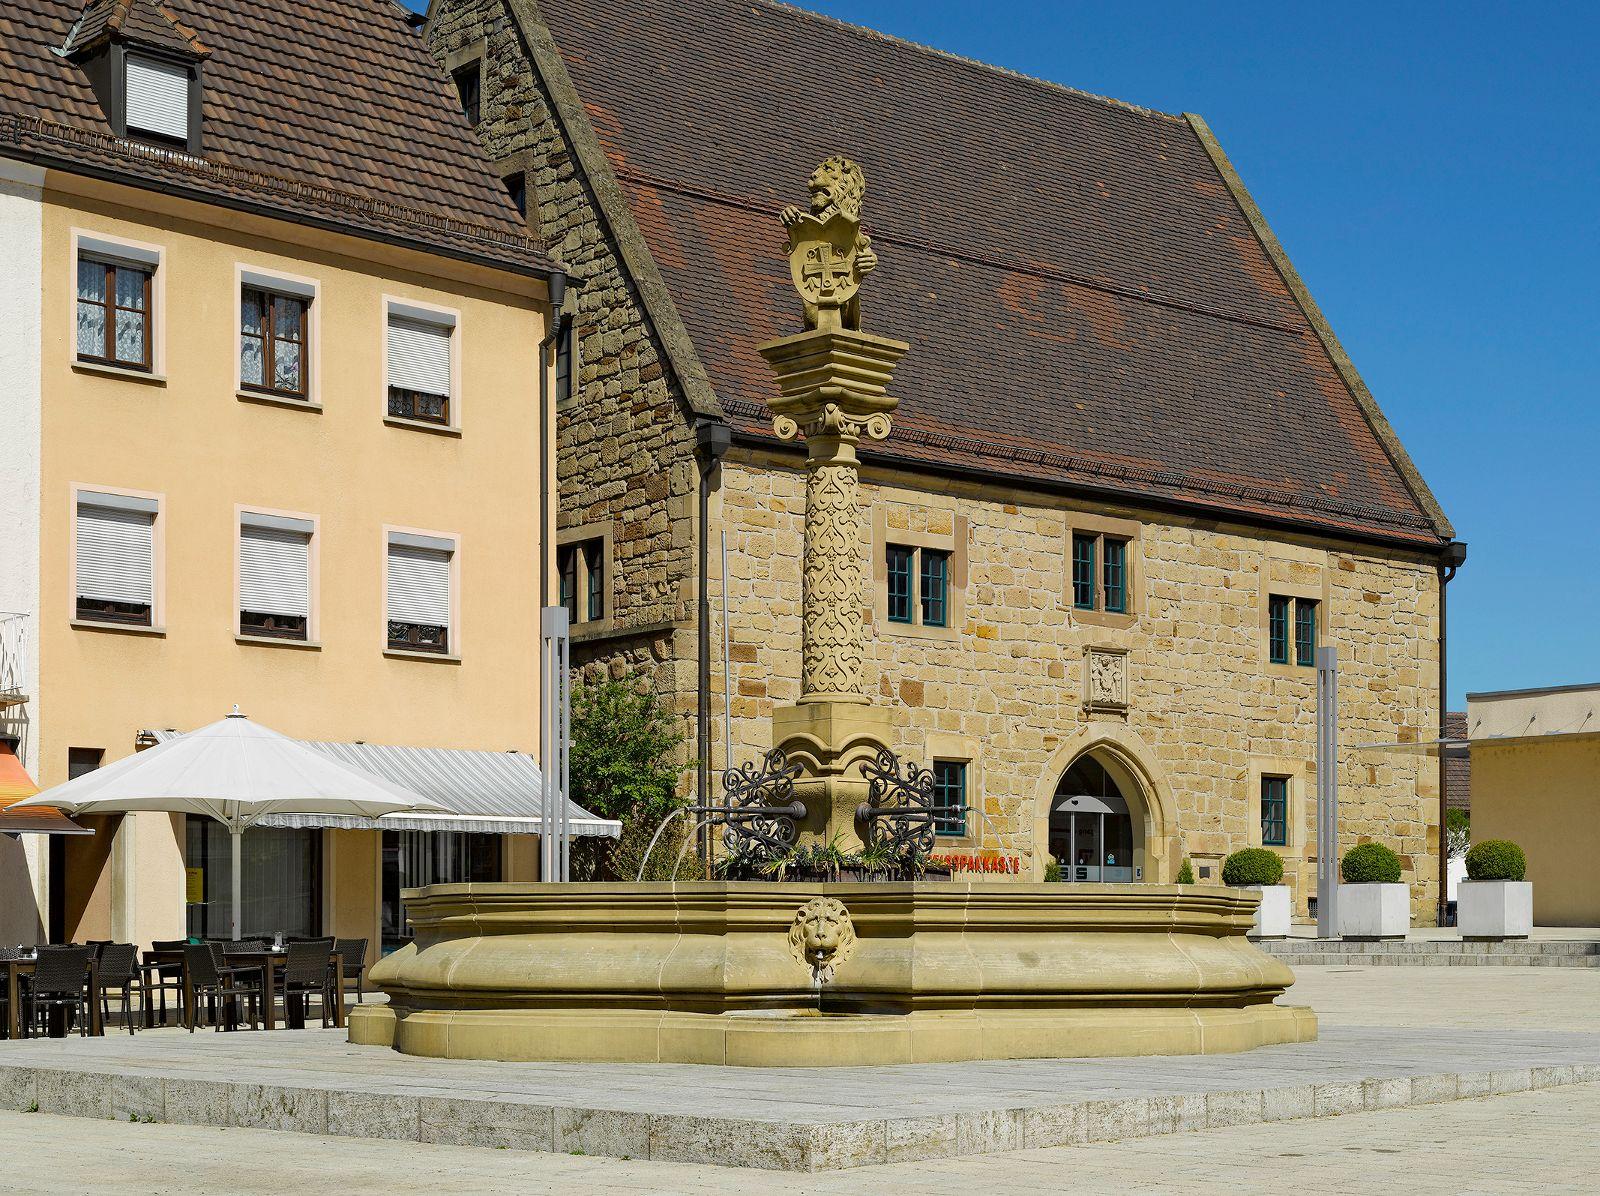 ©Bernhard J. Lattner, Heilbronn - Marktbrunnen mit Großer Kelter